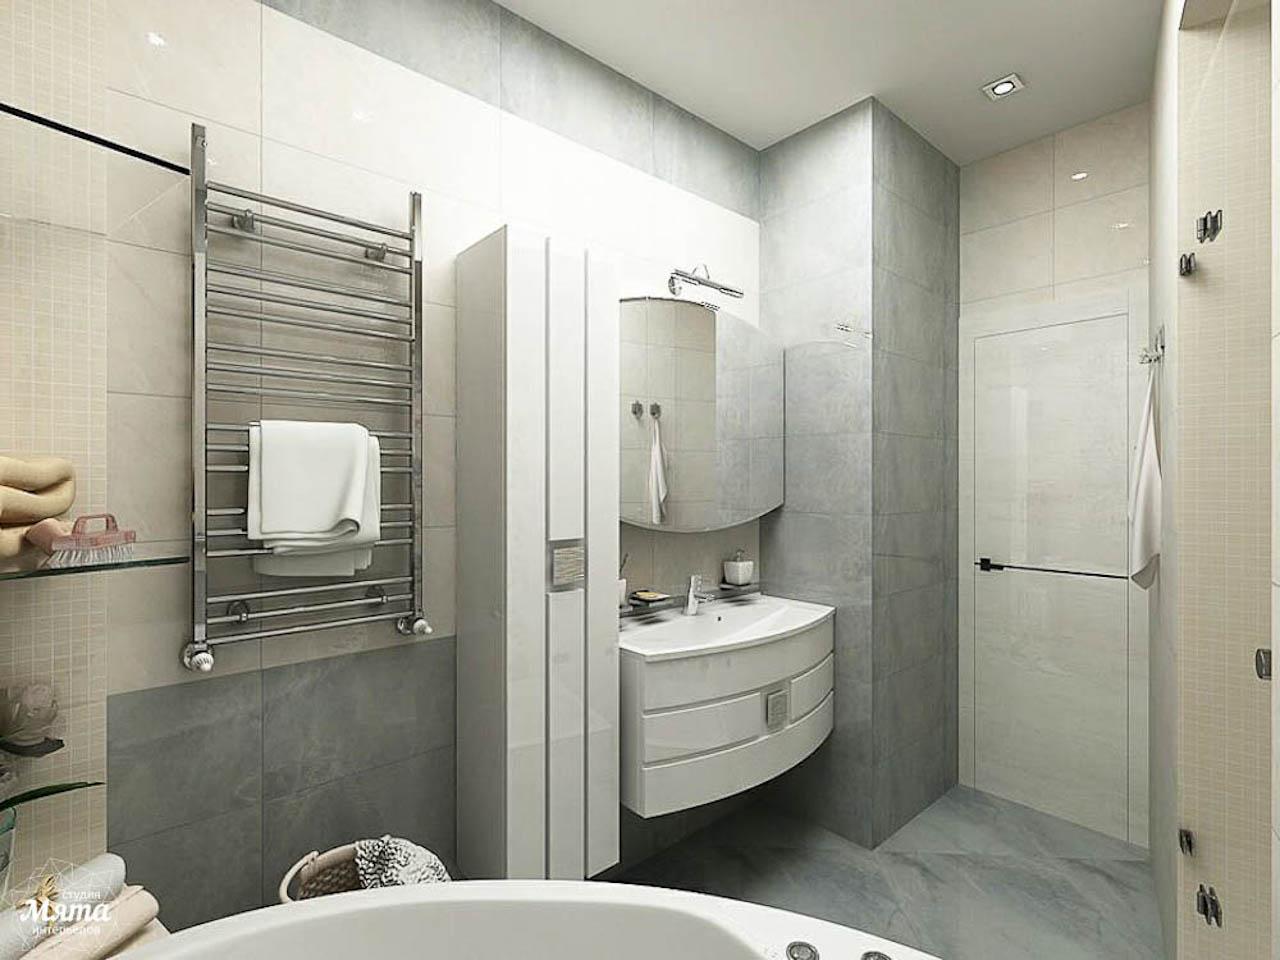 Дизайн интерьера трехкомнатной квартиры по ул. Куйбышева 80/1 img2039592279